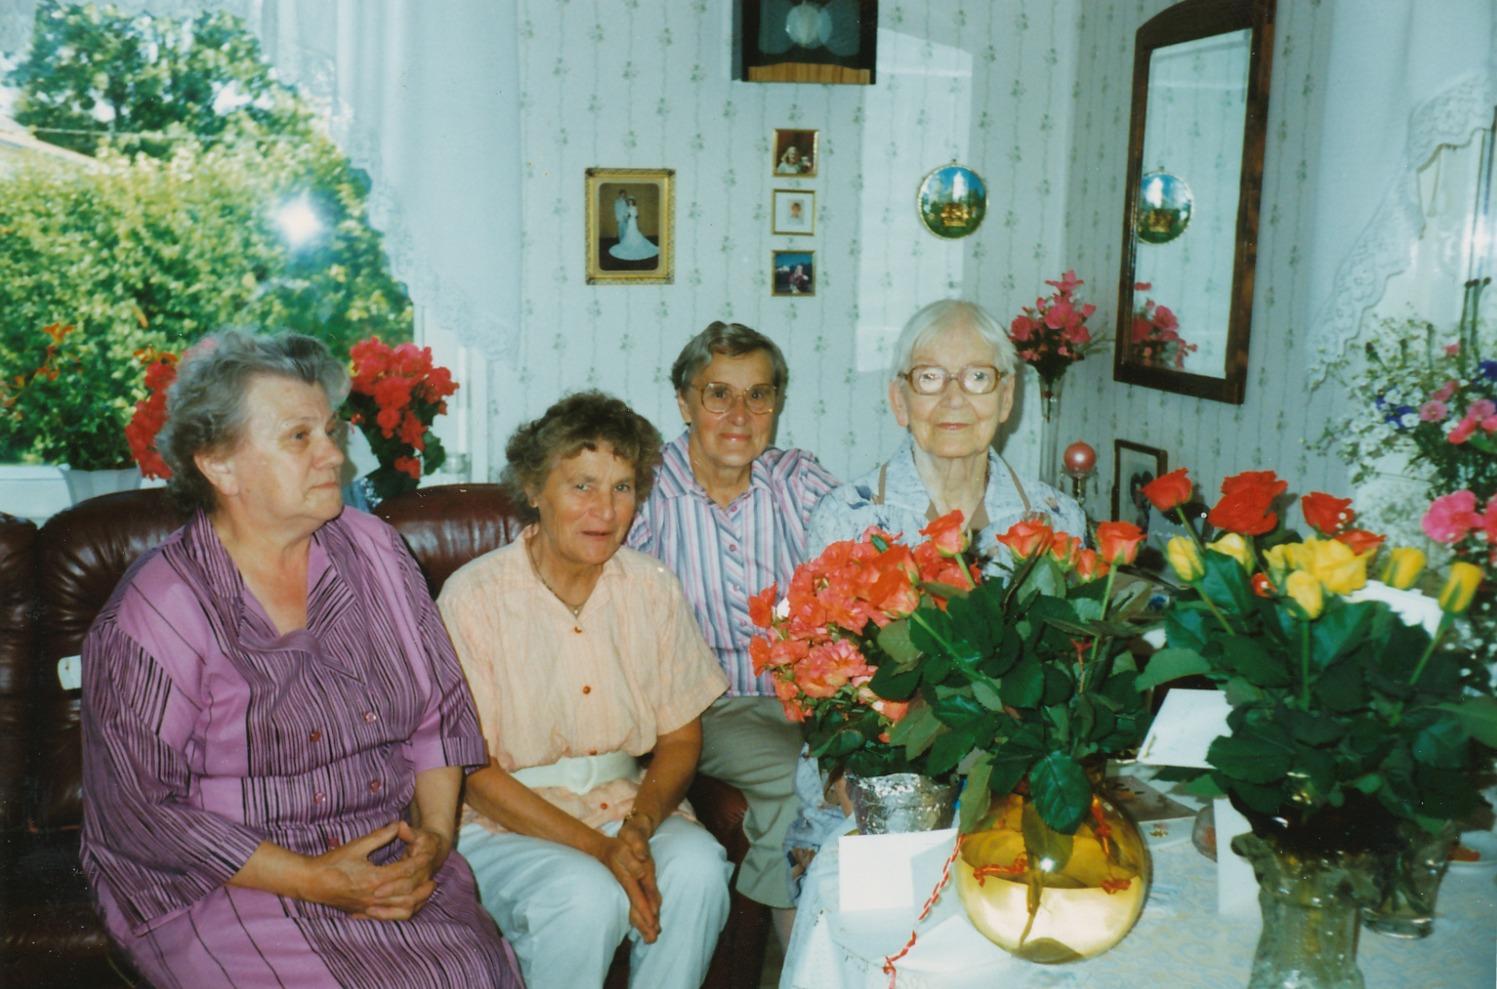 År 1989 fyllde Elvira Nelson t.h. 90 år och uppvaktades av fr.v: Ellen Skogman, Helga Grönroos och Ingeborg Lindblad. Fotot lånat av Annel Nyholm.